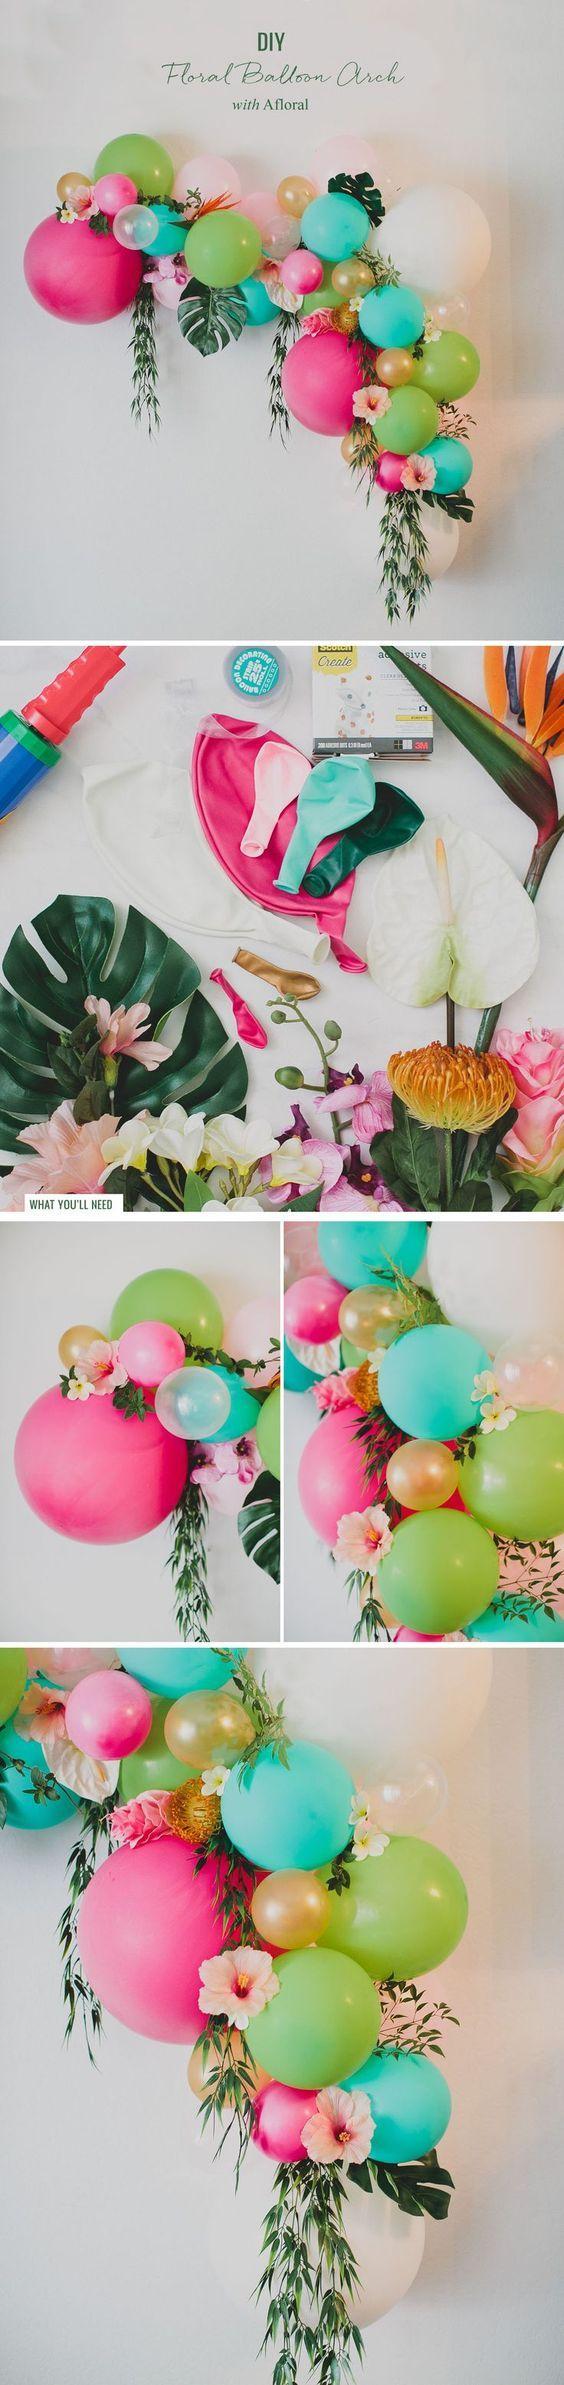 DIY Floral Balloon Arch - Moana